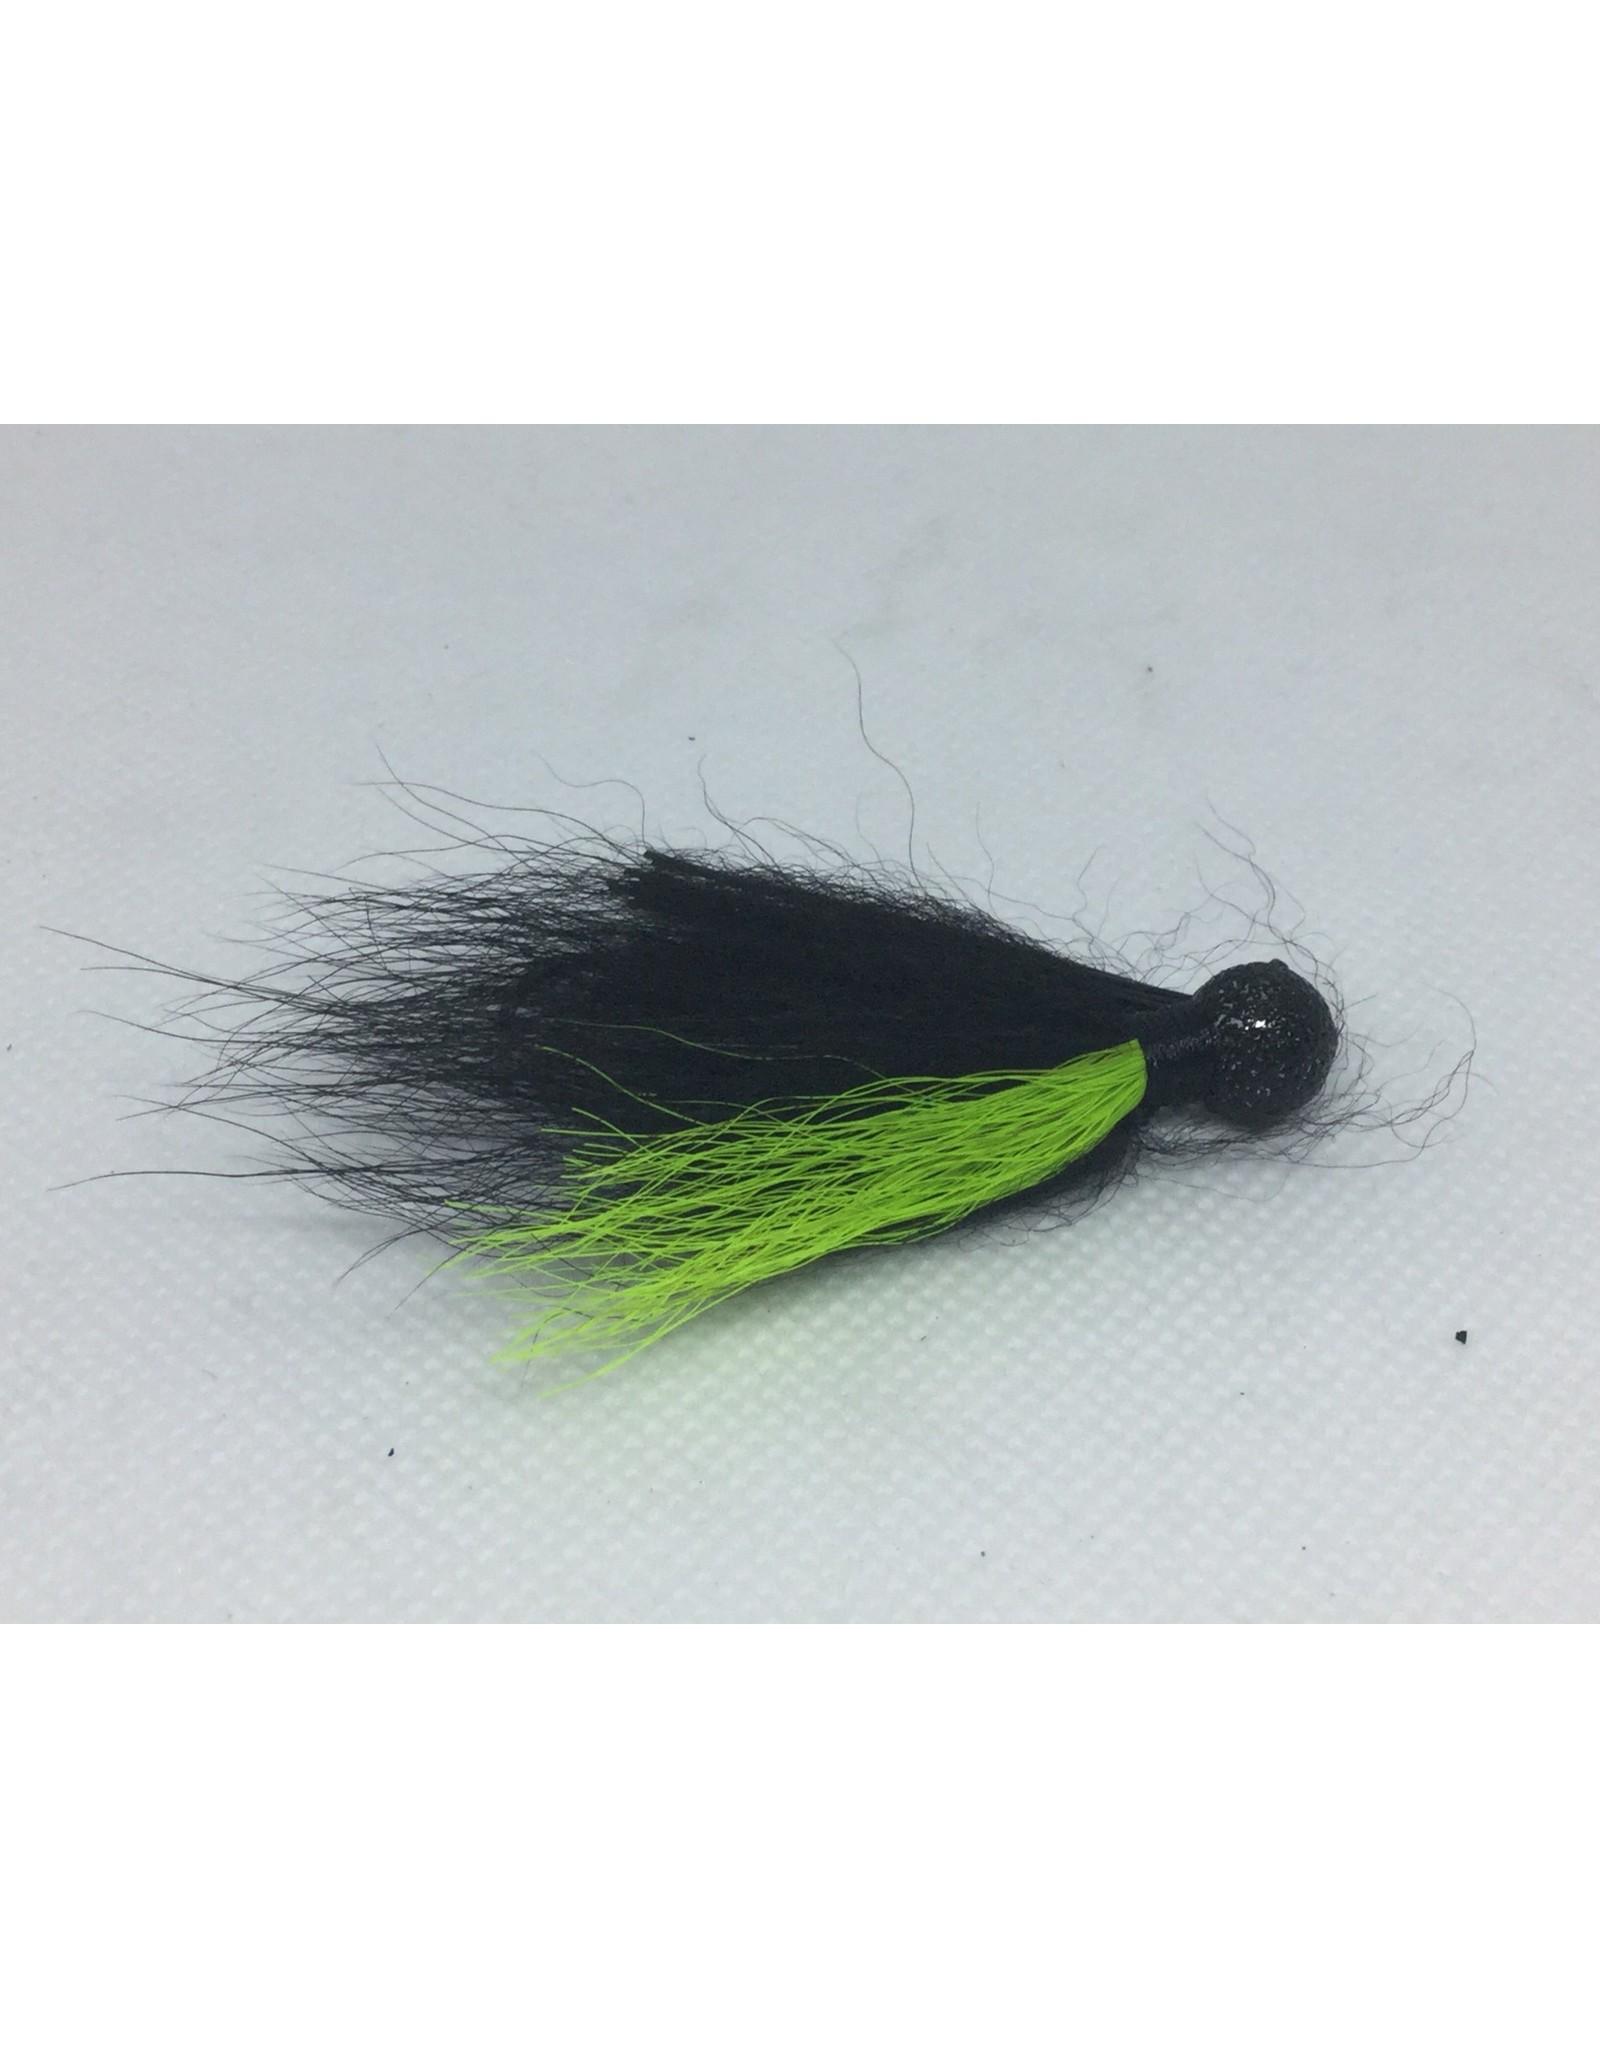 Yank-um Arctic Fox Hair Jig 3/16 oz